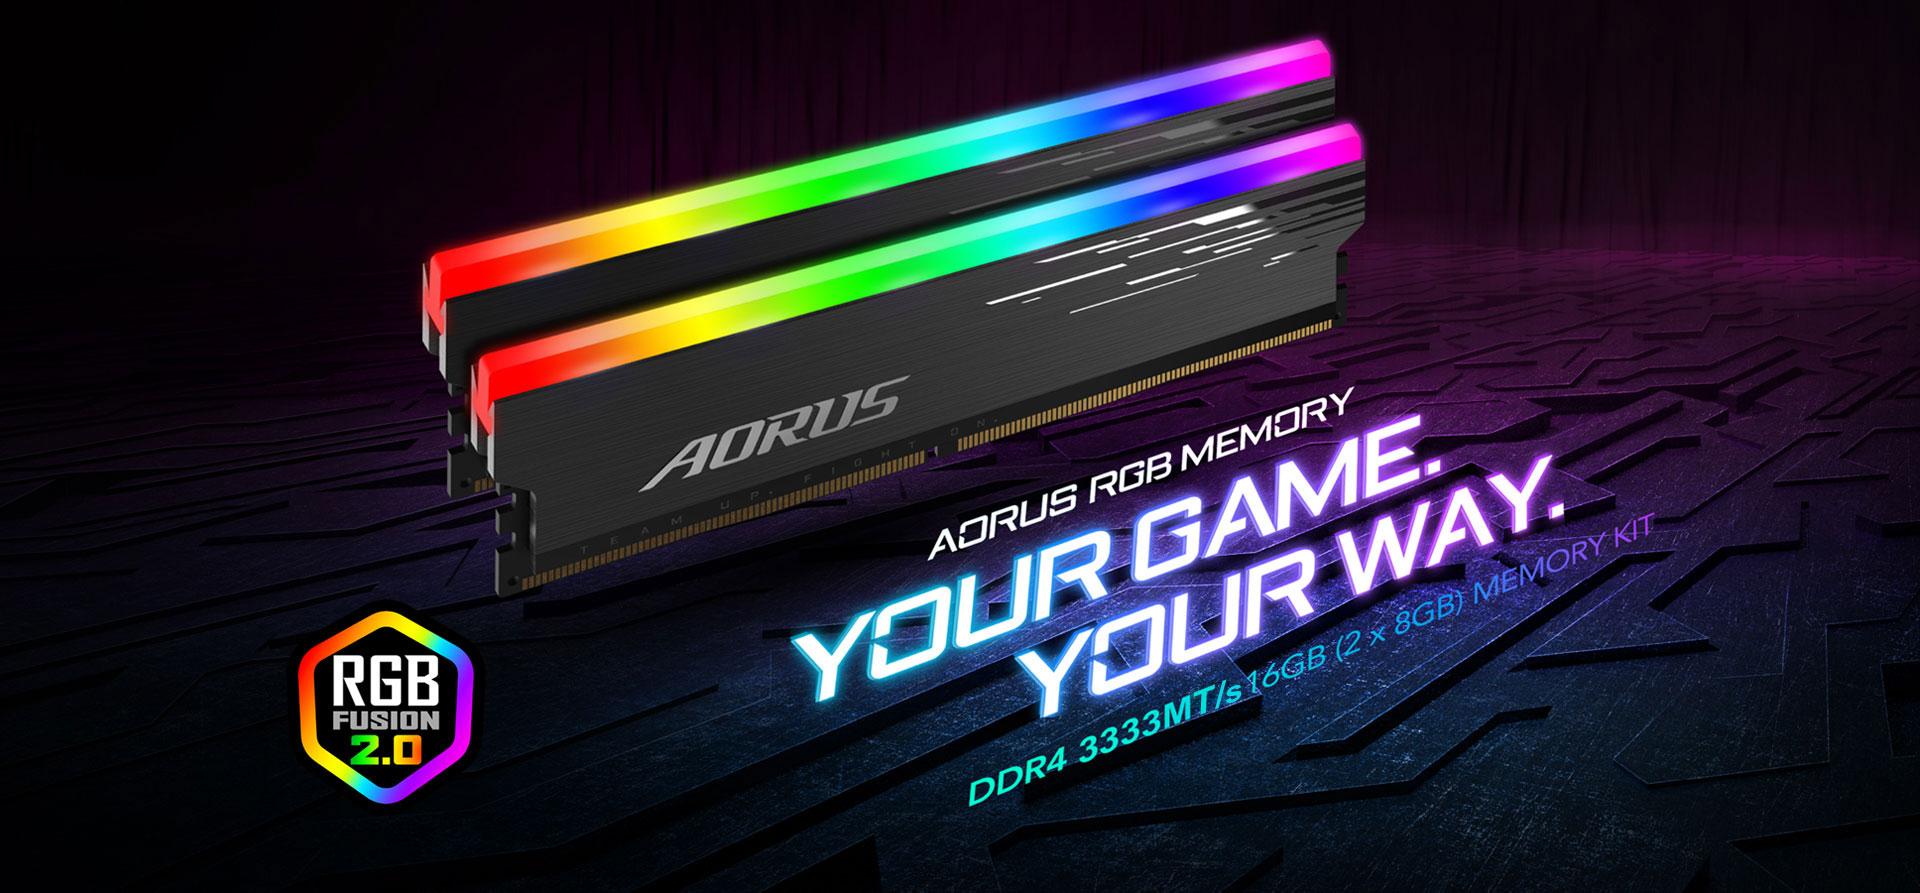 Gigabyte AORUS RGB Memory DDR4 16GB (2x8GB) 3333MHz 6